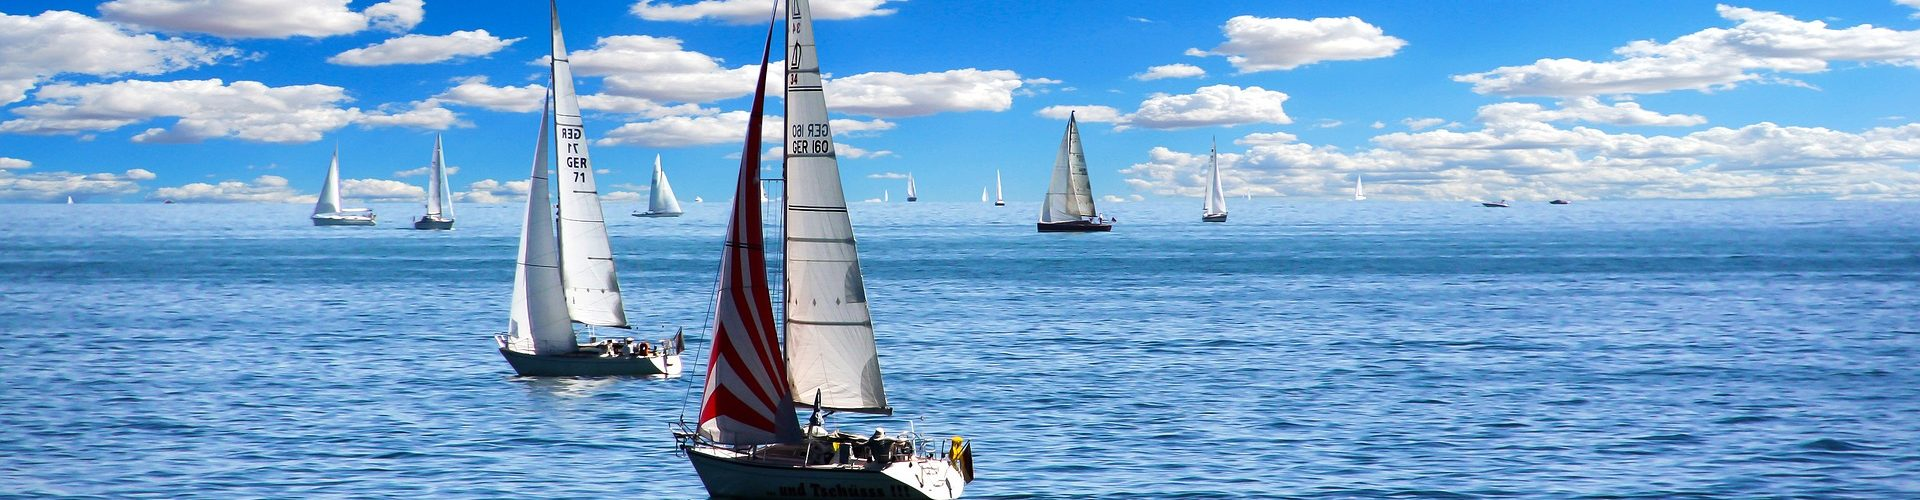 segeln lernen in Ralbitz Rosenthal segelschein machen in Ralbitz Rosenthal 1920x500 - Segeln lernen in Ralbitz-Rosenthal